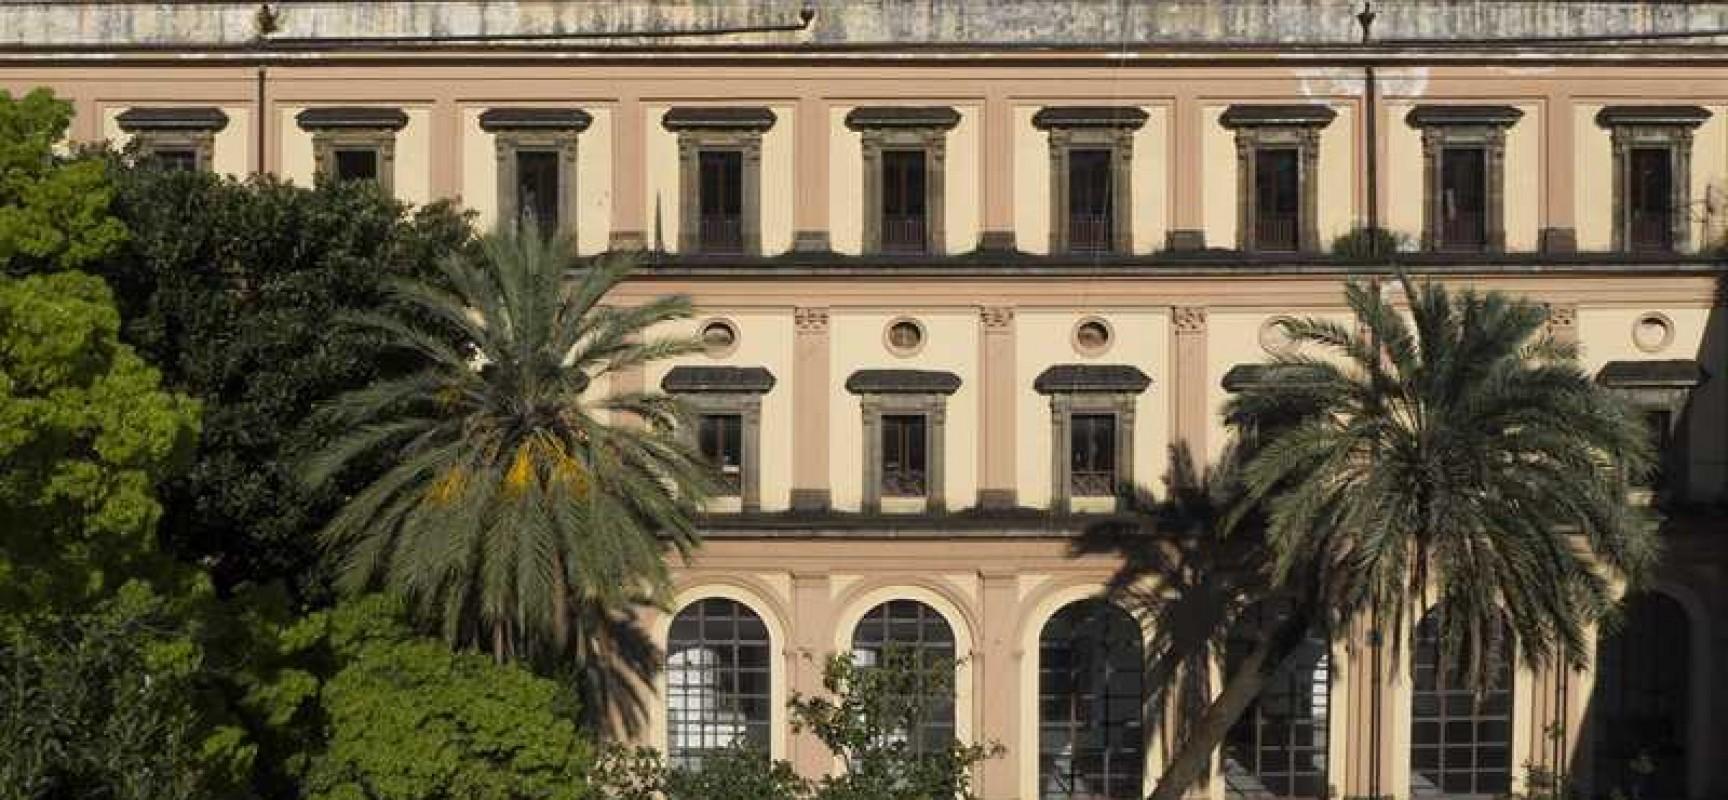 Cortile_Accademia_Belle_Arti_Napoli-1728x800_c